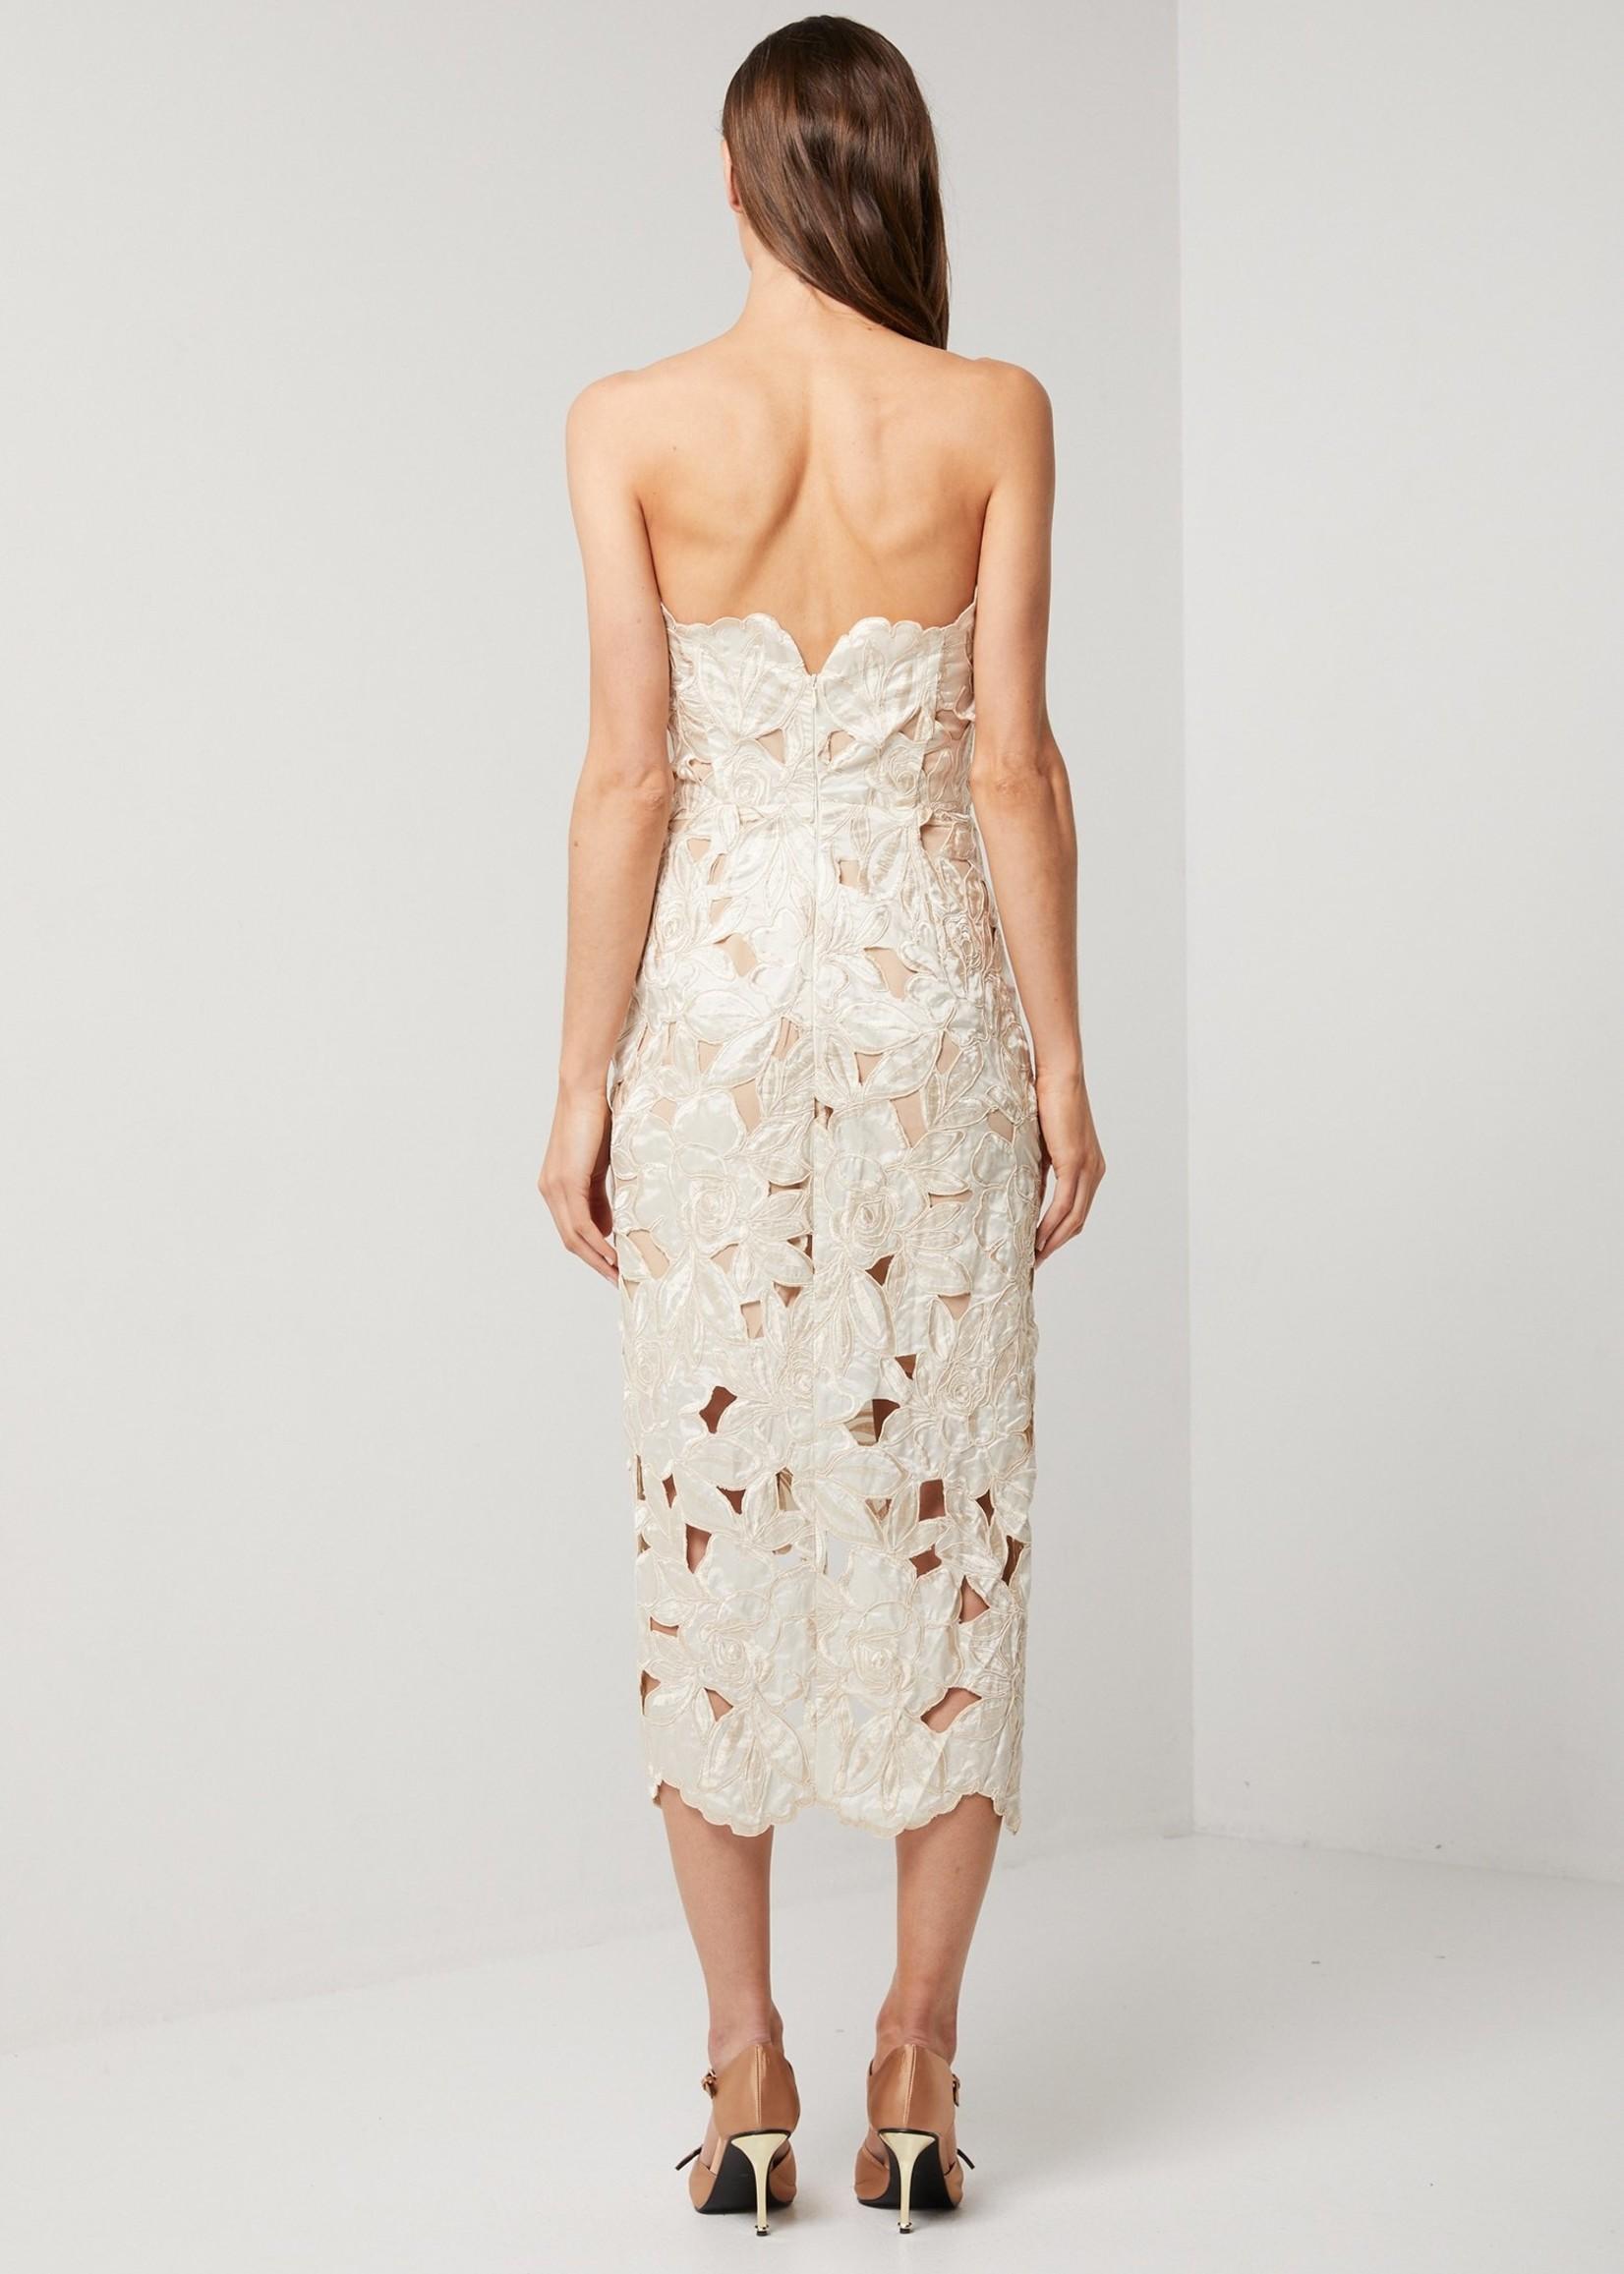 Elitaire Boutique Atrium Dress